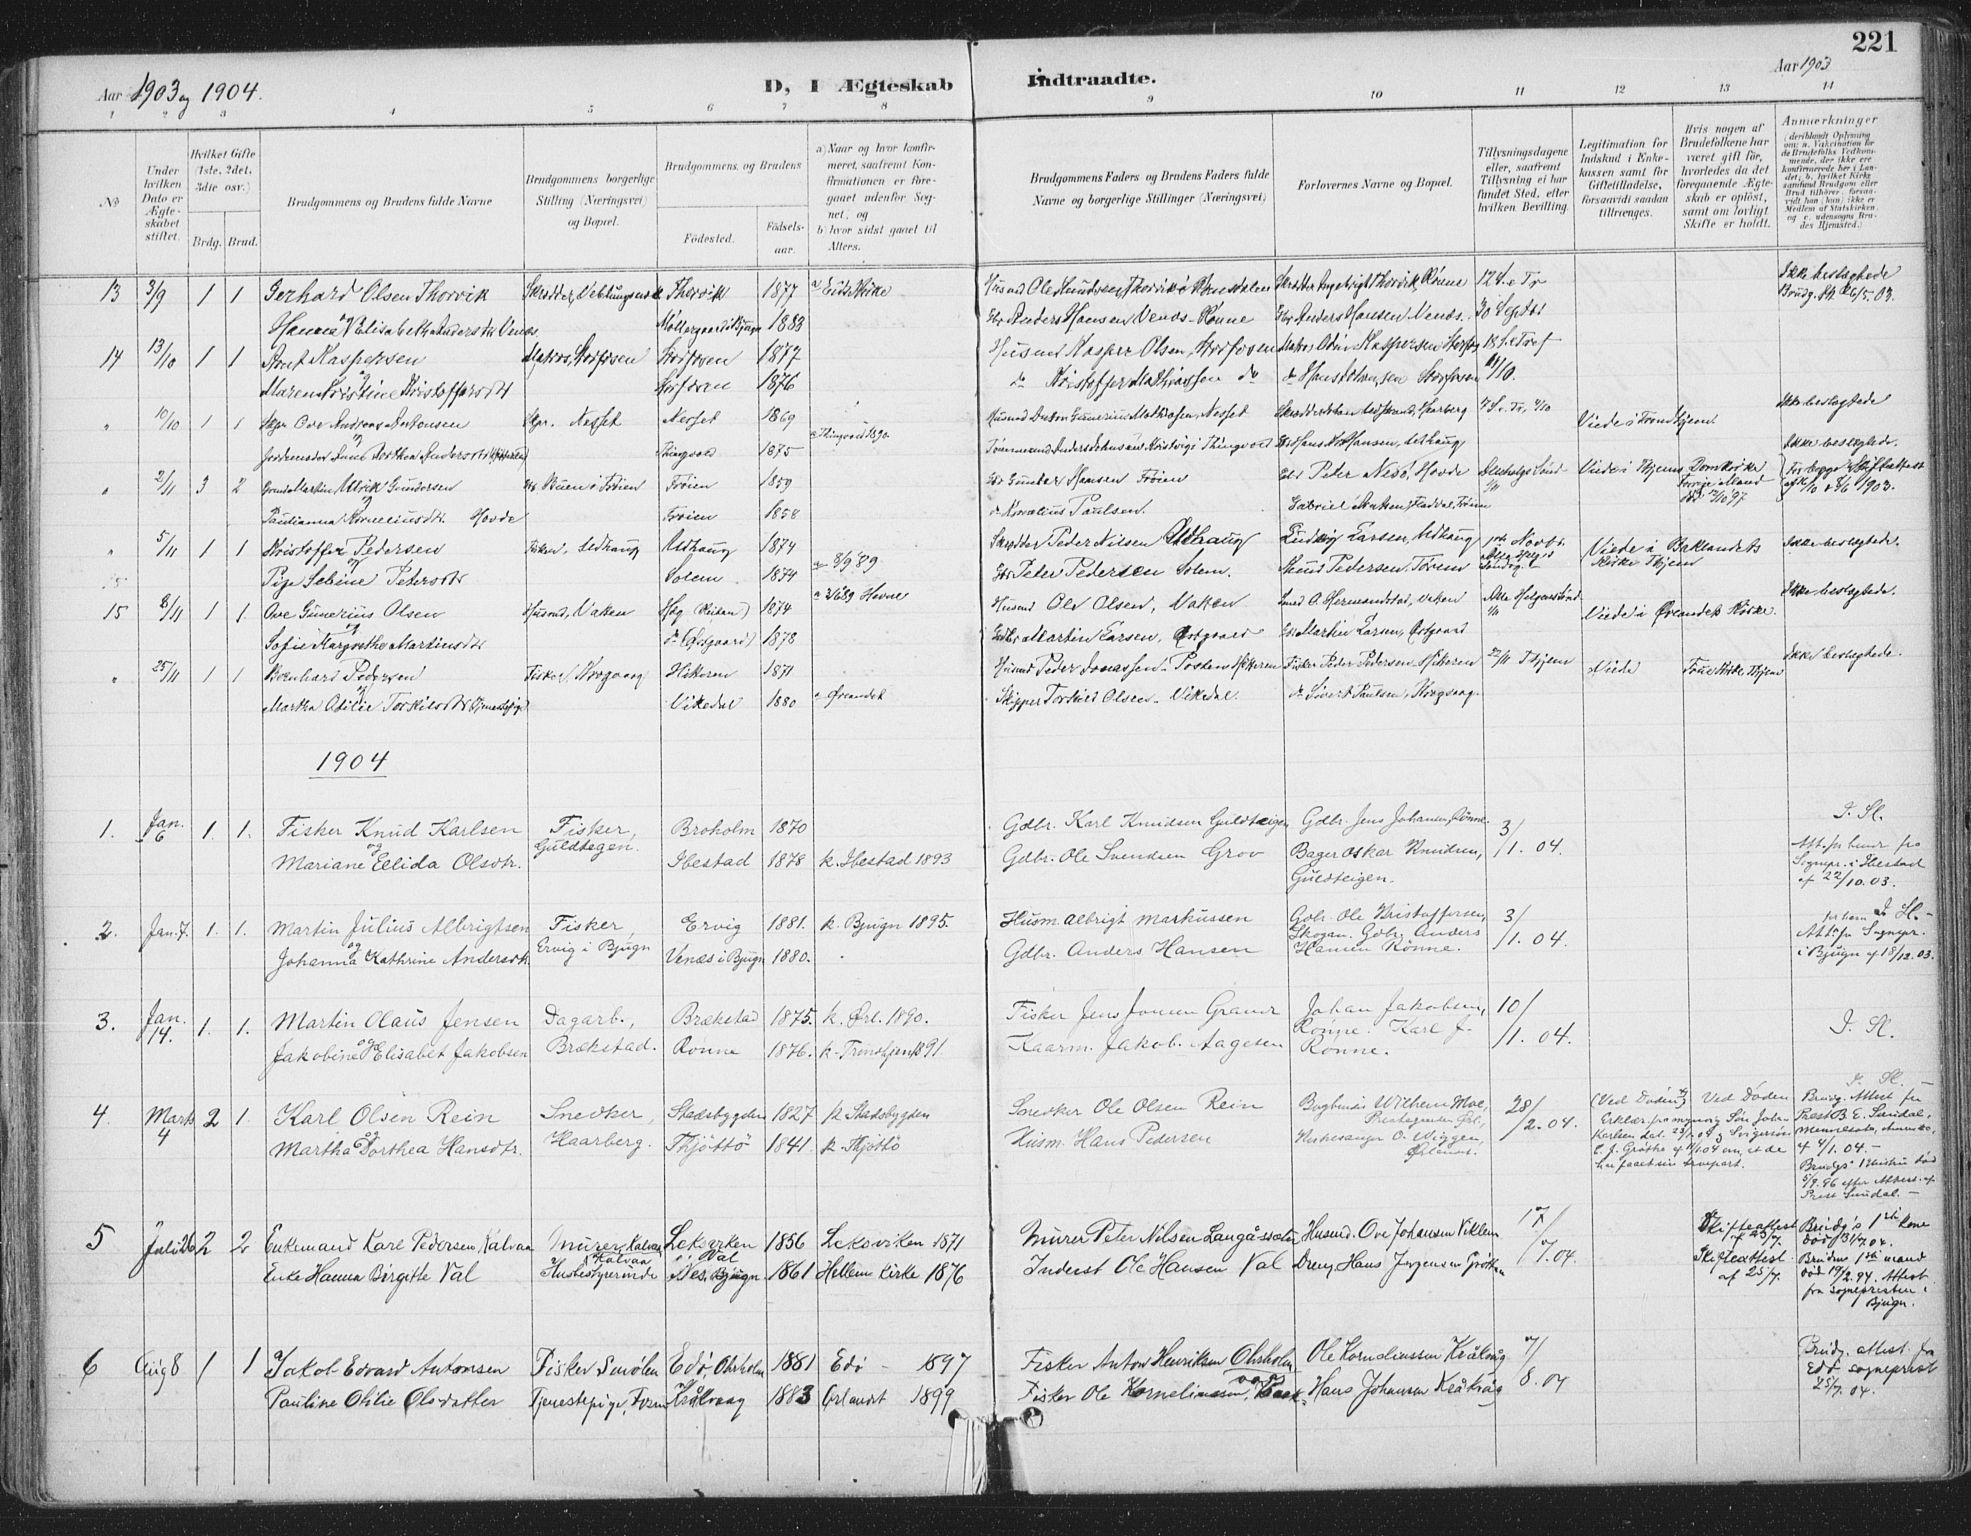 SAT, Ministerialprotokoller, klokkerbøker og fødselsregistre - Sør-Trøndelag, 659/L0743: Ministerialbok nr. 659A13, 1893-1910, s. 221